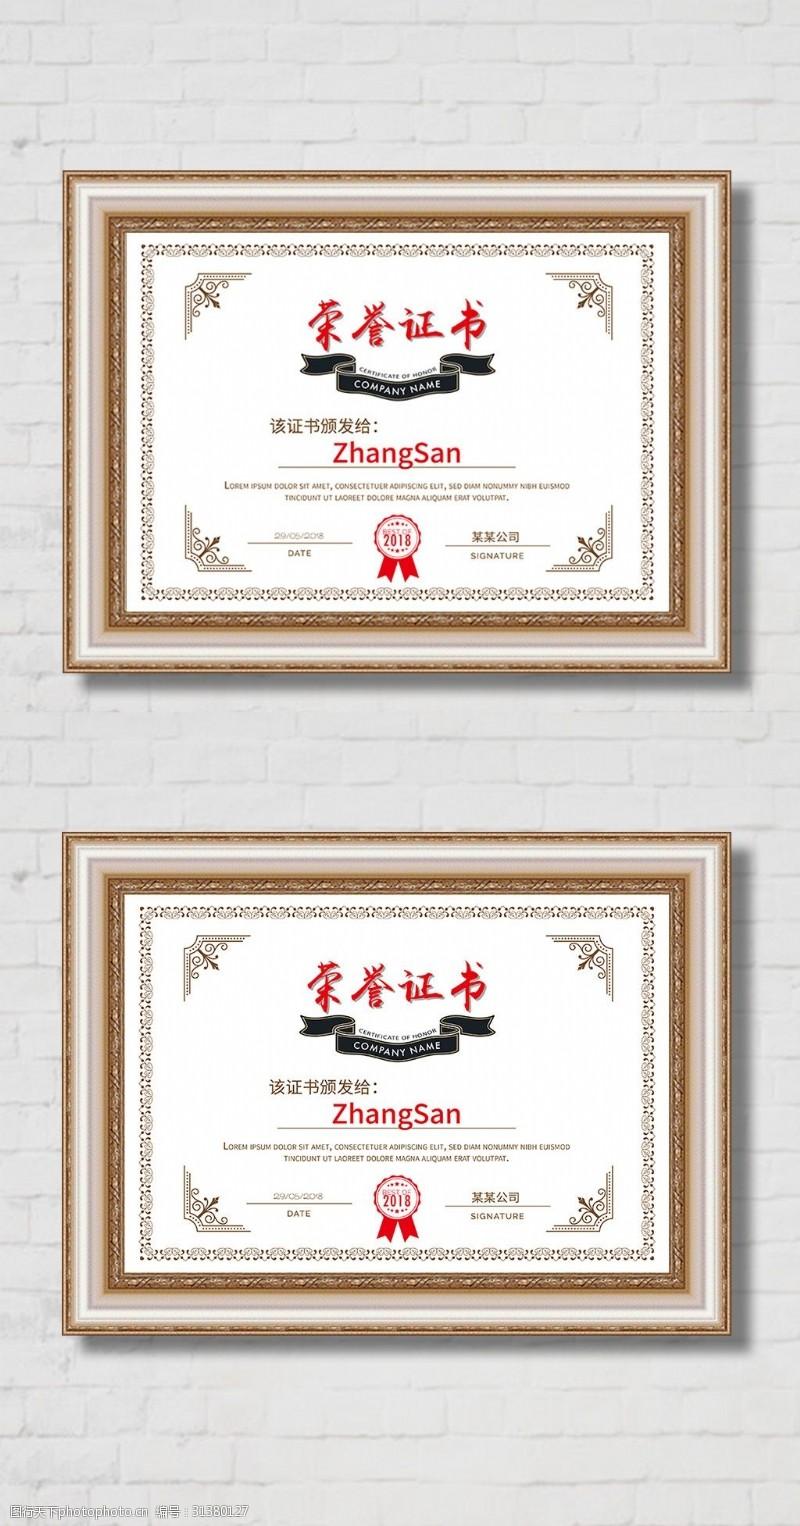 公司企业模板2017年企业公司通用荣誉证书模板设计